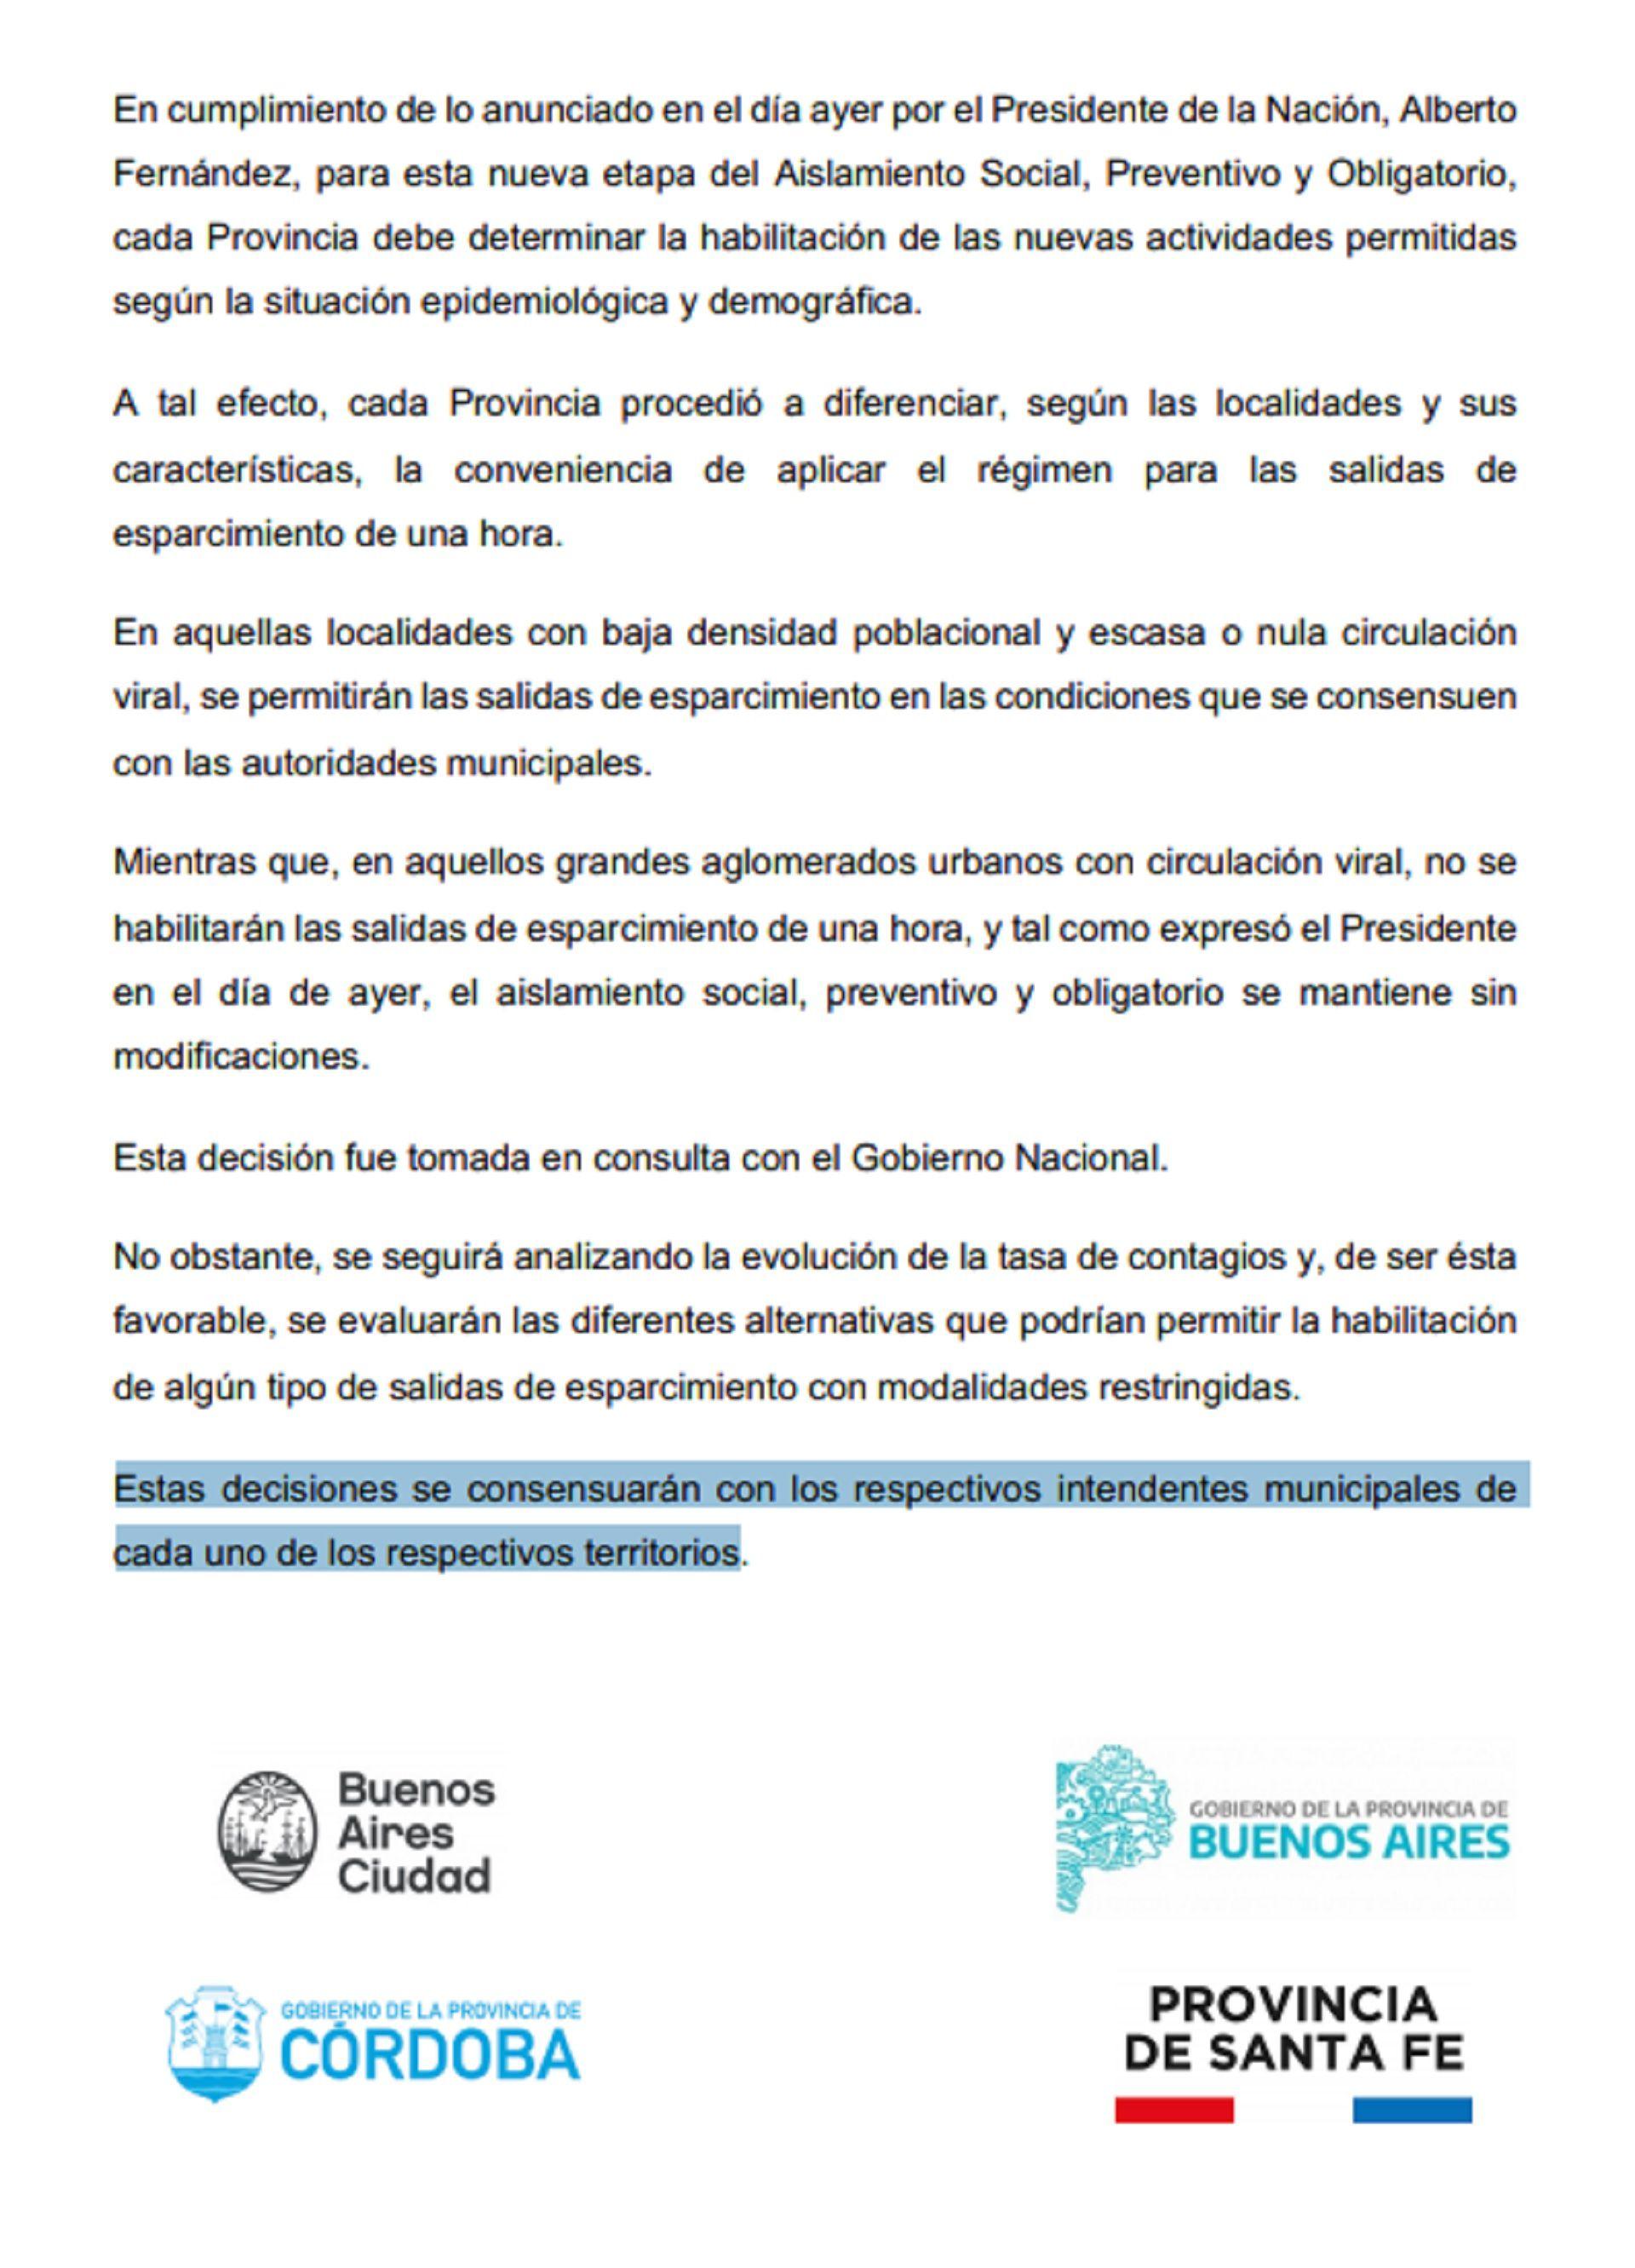 El comunicado conjunto de los gobiernos de CABA, Buenos Aires, Córdoba y Santa Fe